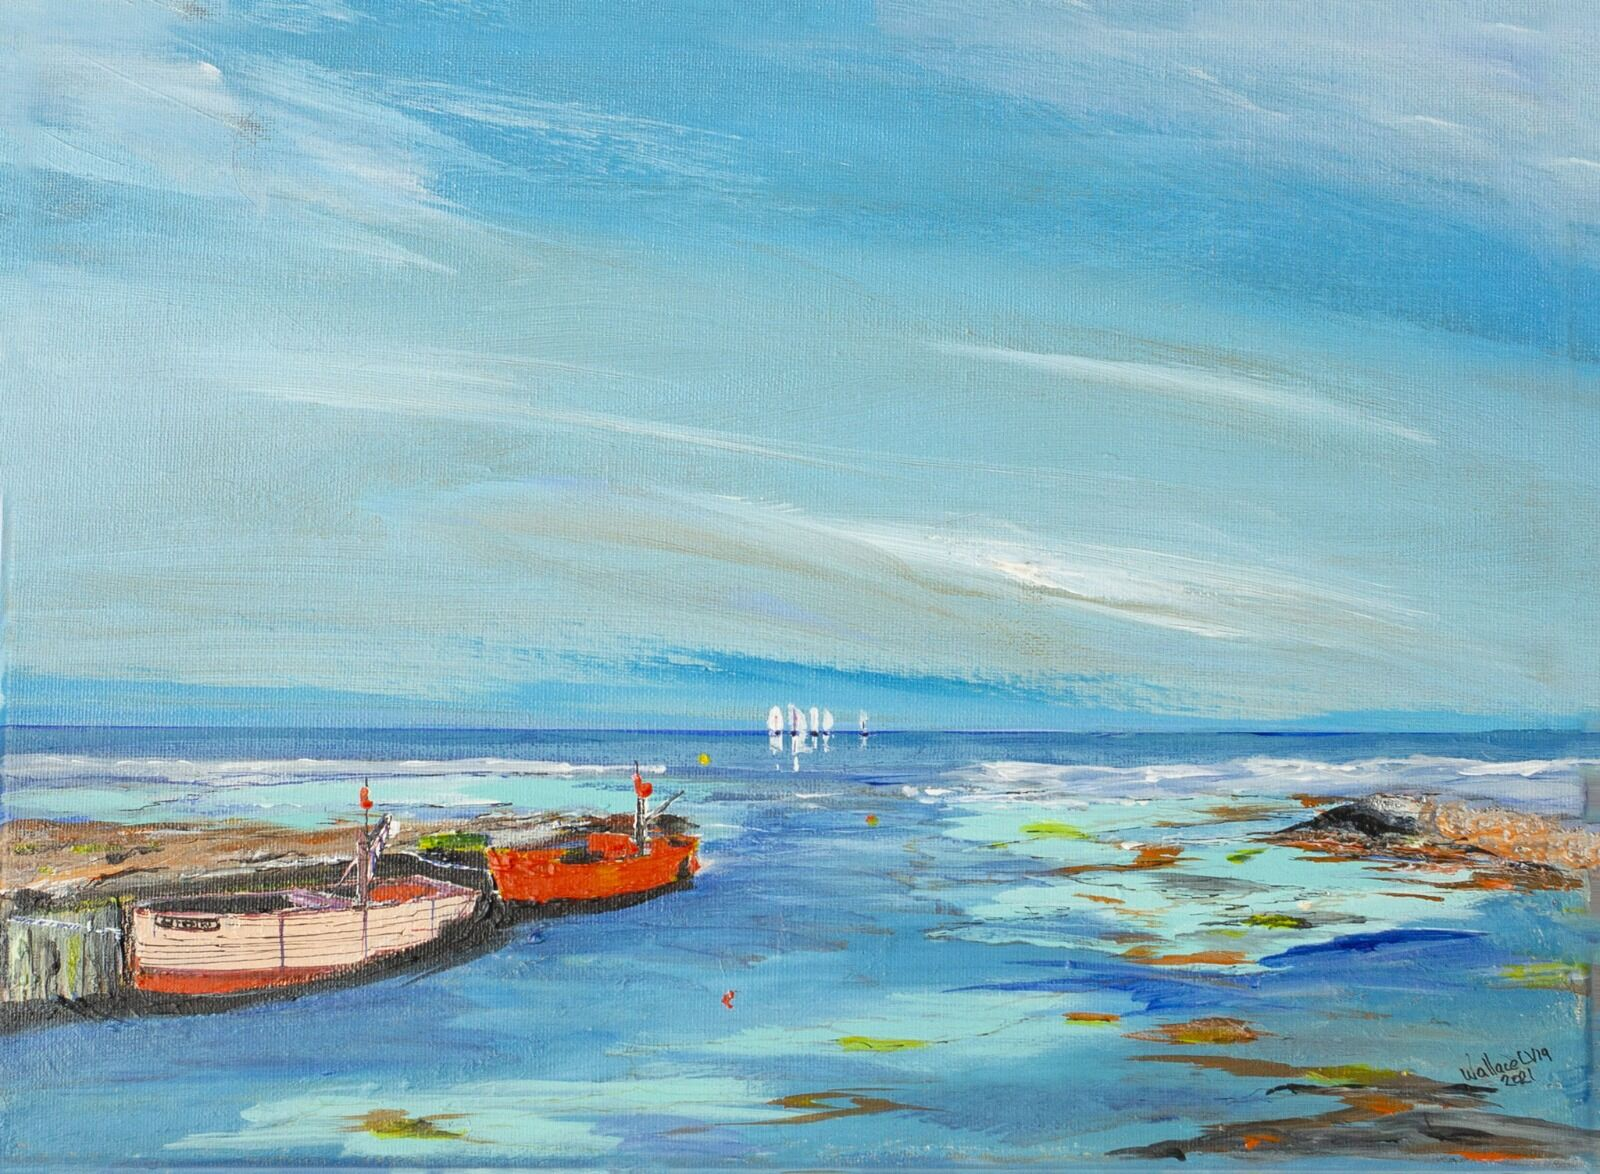 Safe harbour - Outer Hebrides